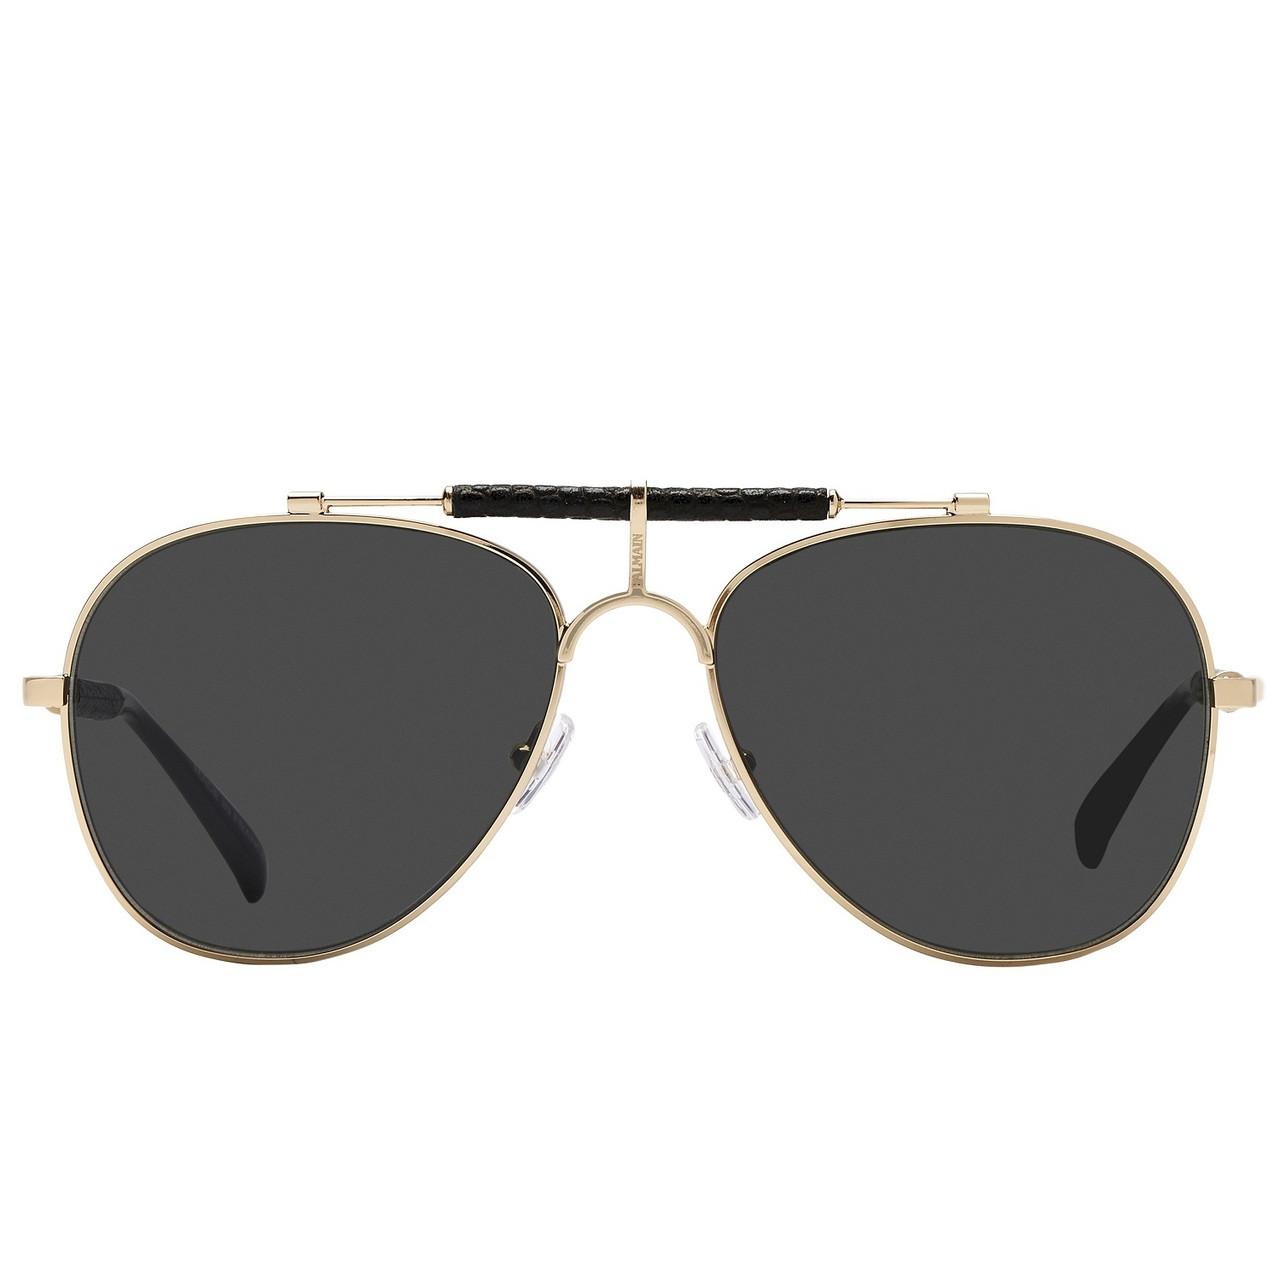 lunettes Pierre balmain pas cher